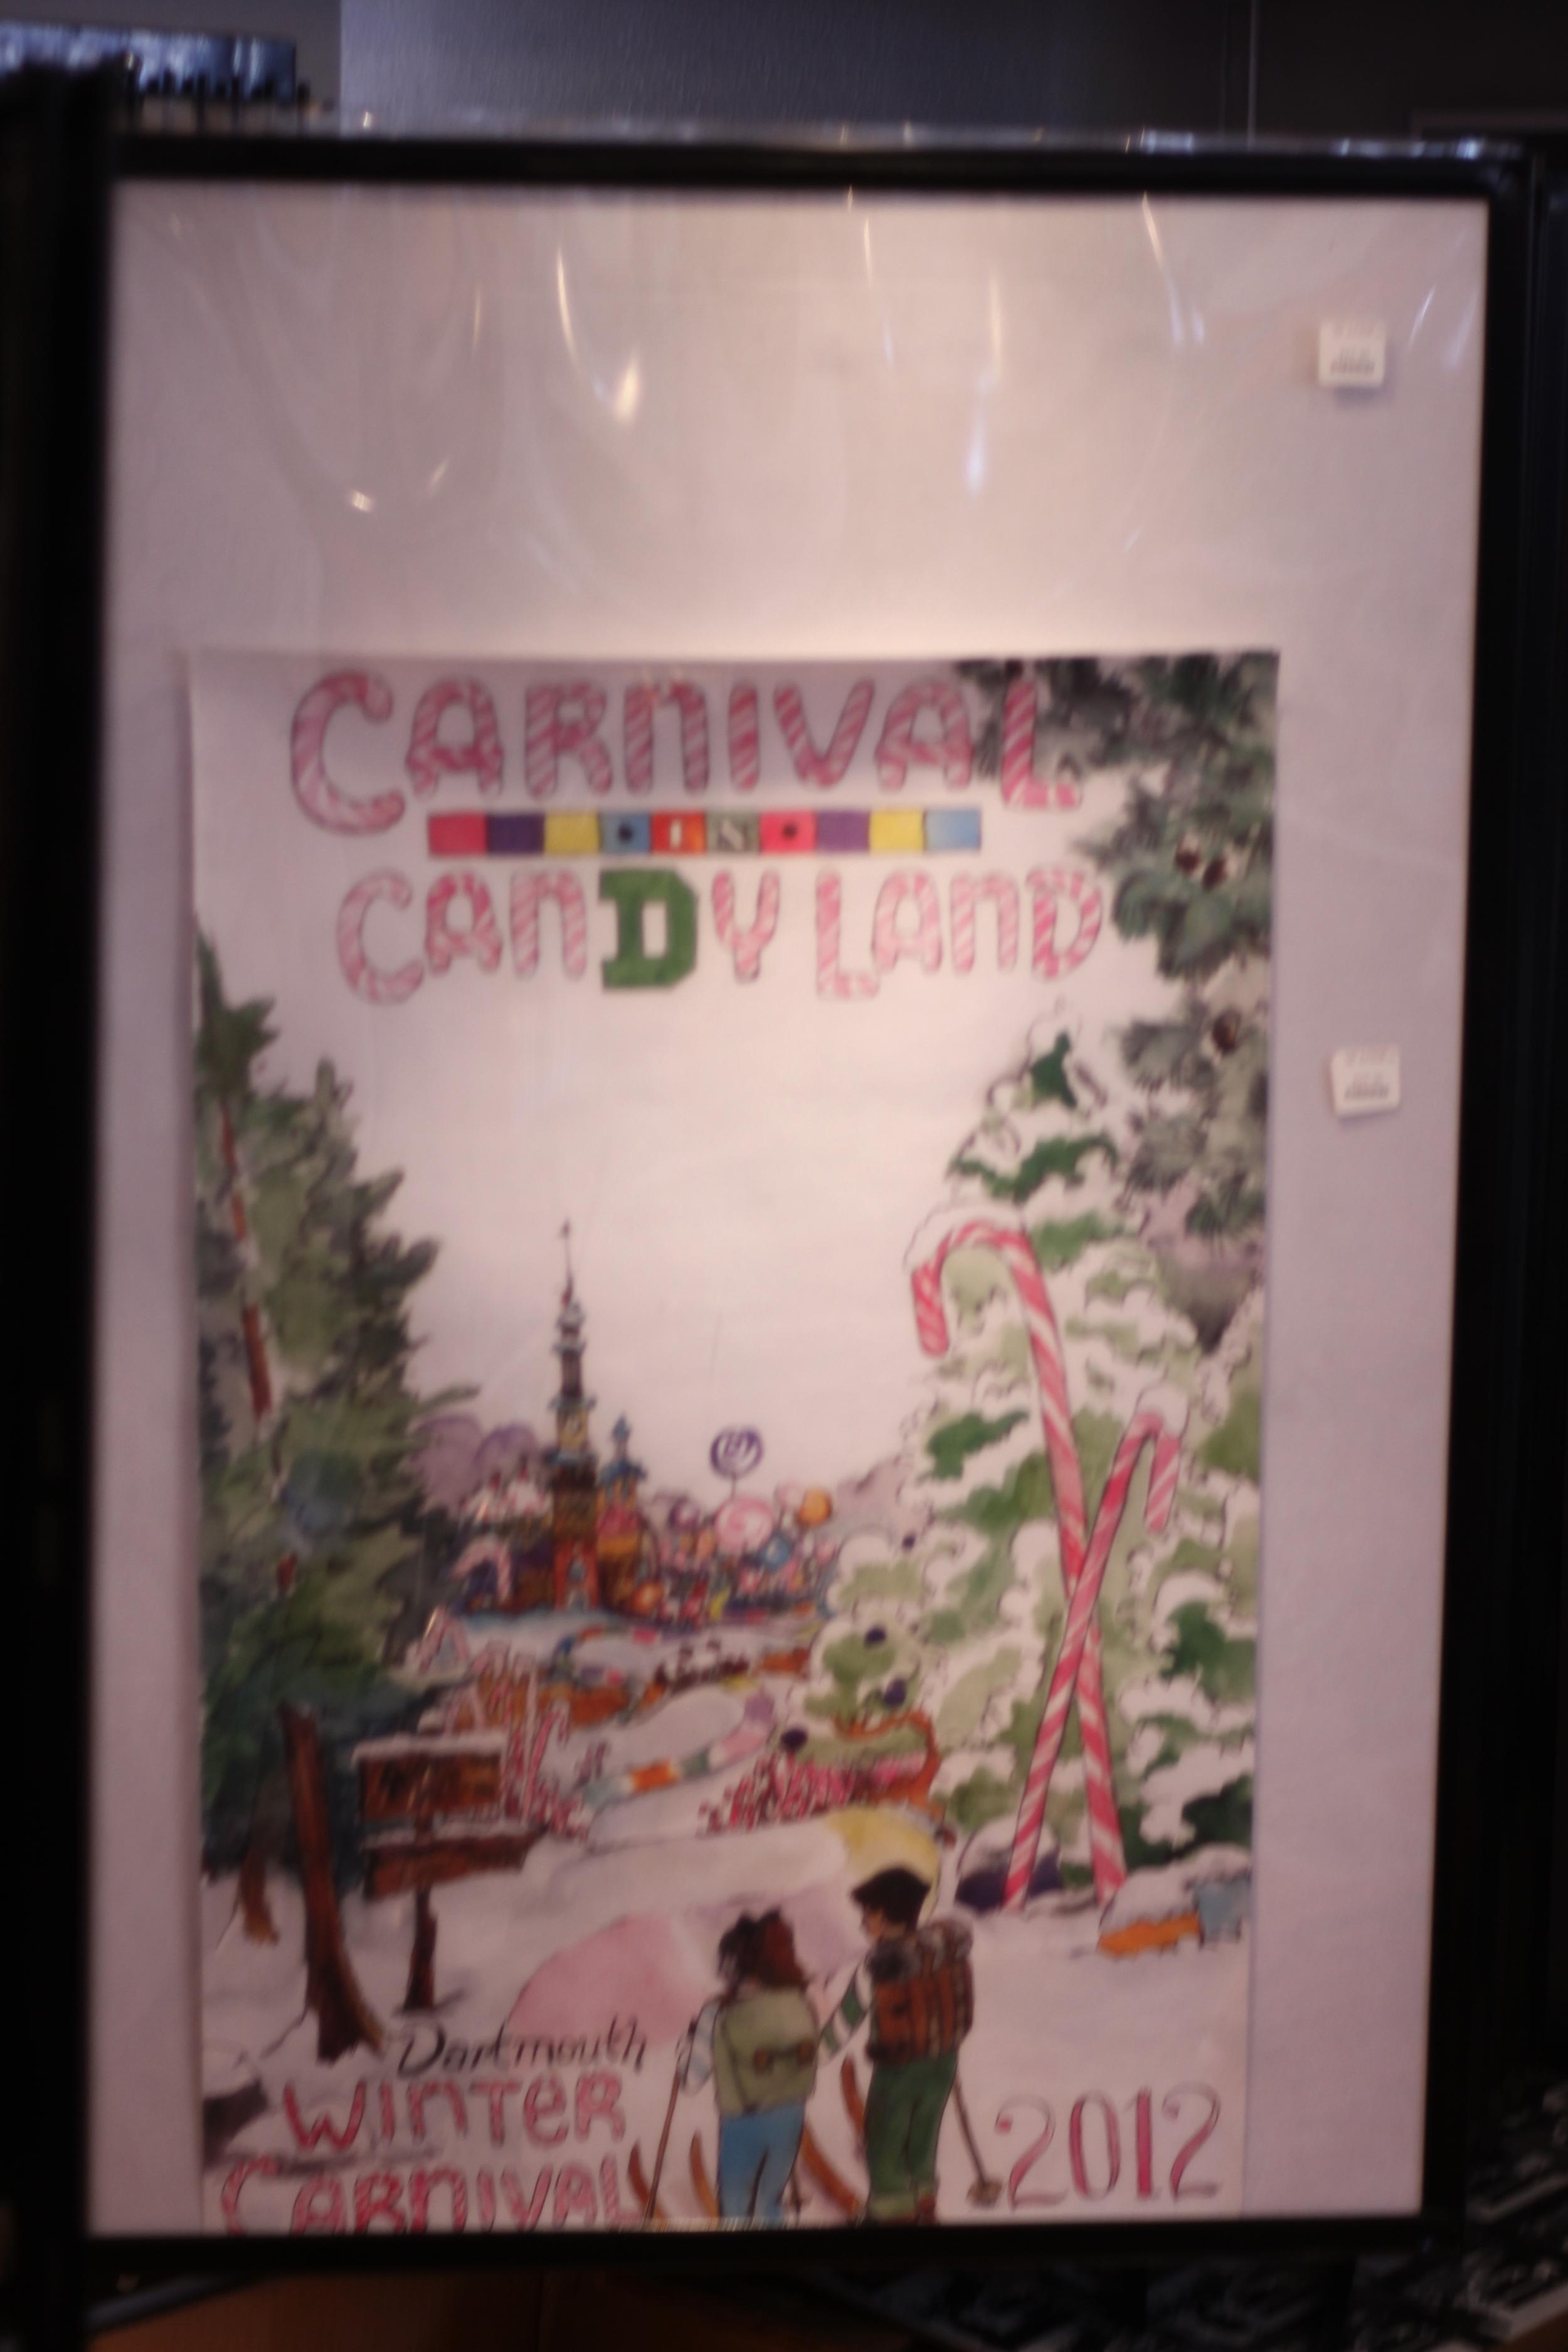 Dartmouth Winter Carnival 2012